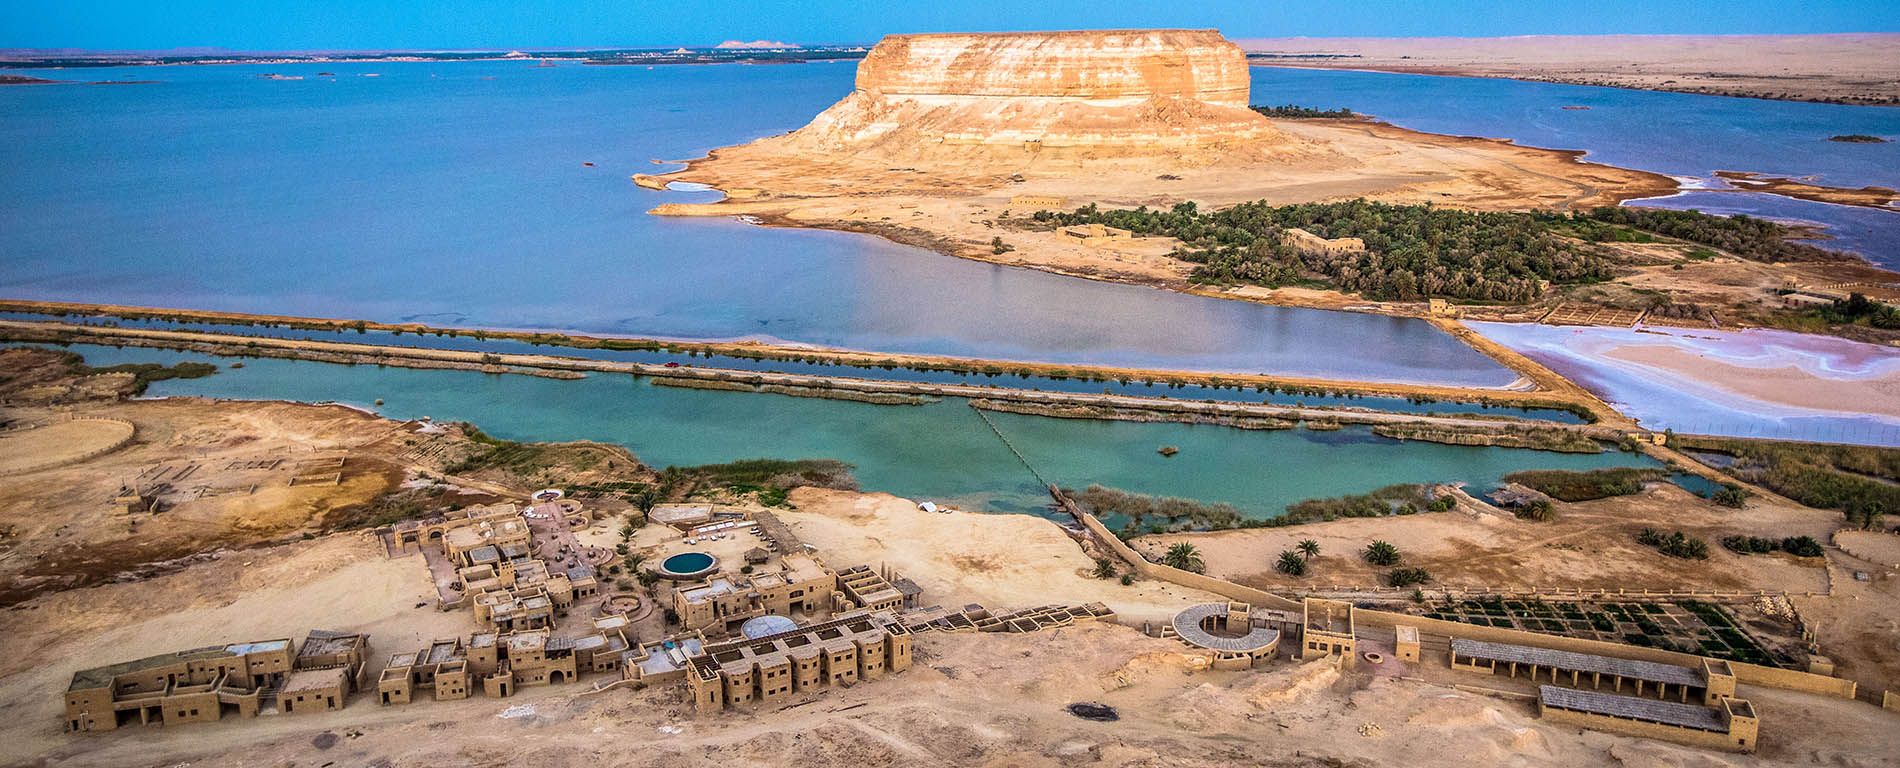 Taziry Ecolodge Siwa In Qesm Siwah Egypt Glamping Com